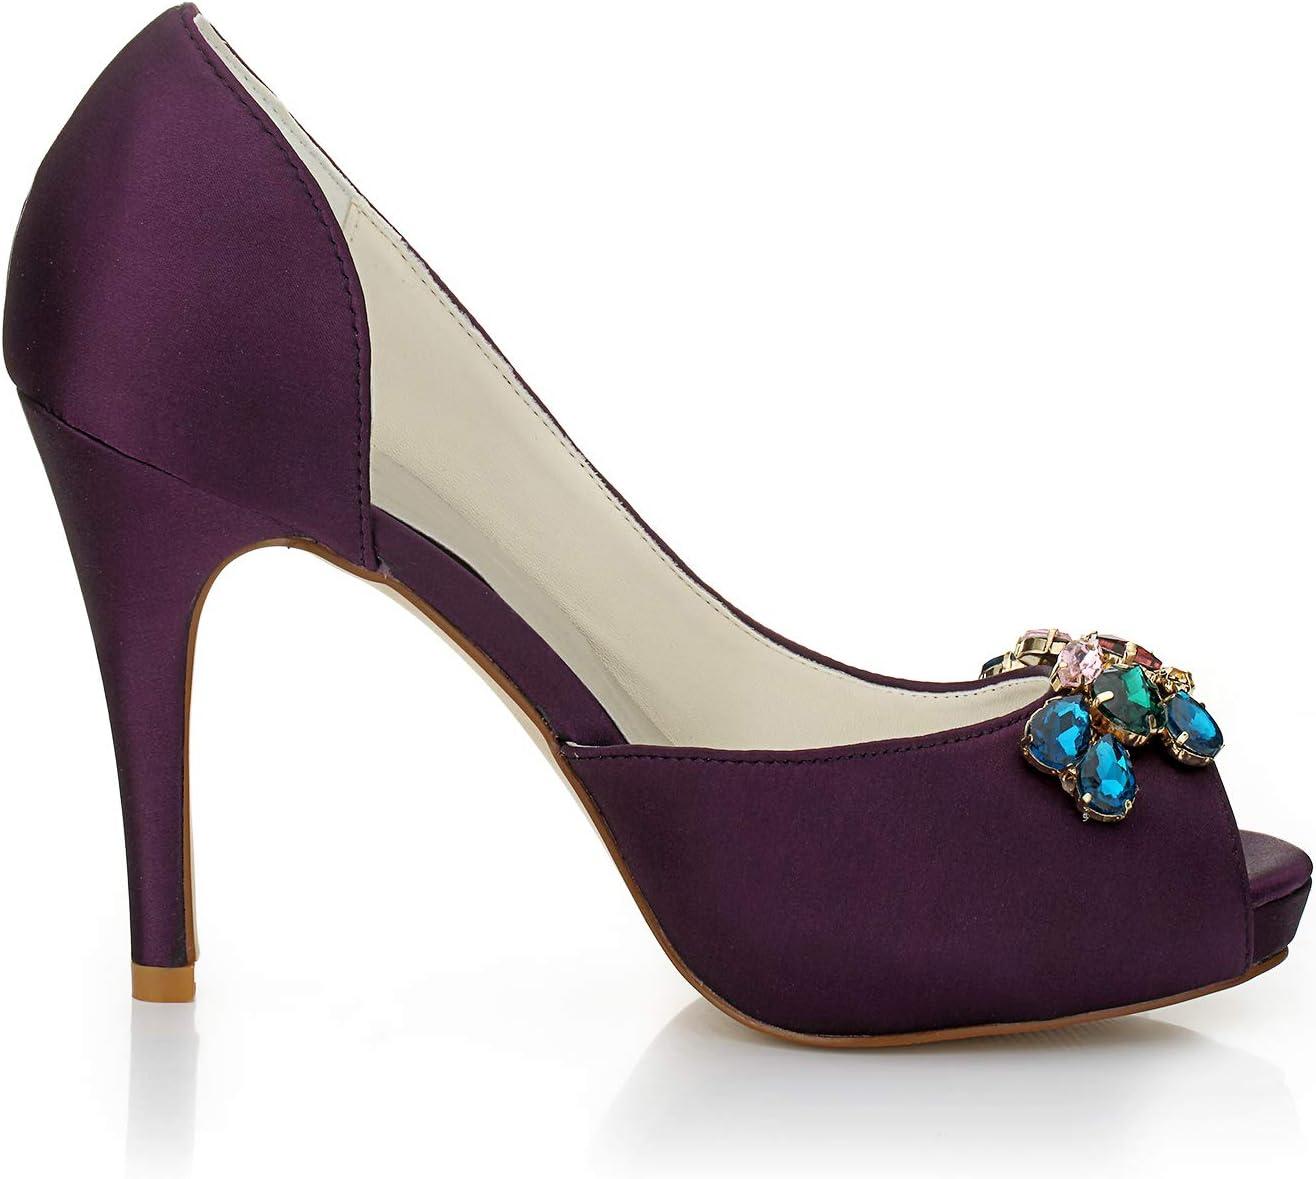 Mevrouw Rechts 154810 vrouwen bruidsschoenen Peep teen hoge hak satijnen pompen strass bruiloft schoenen Paars